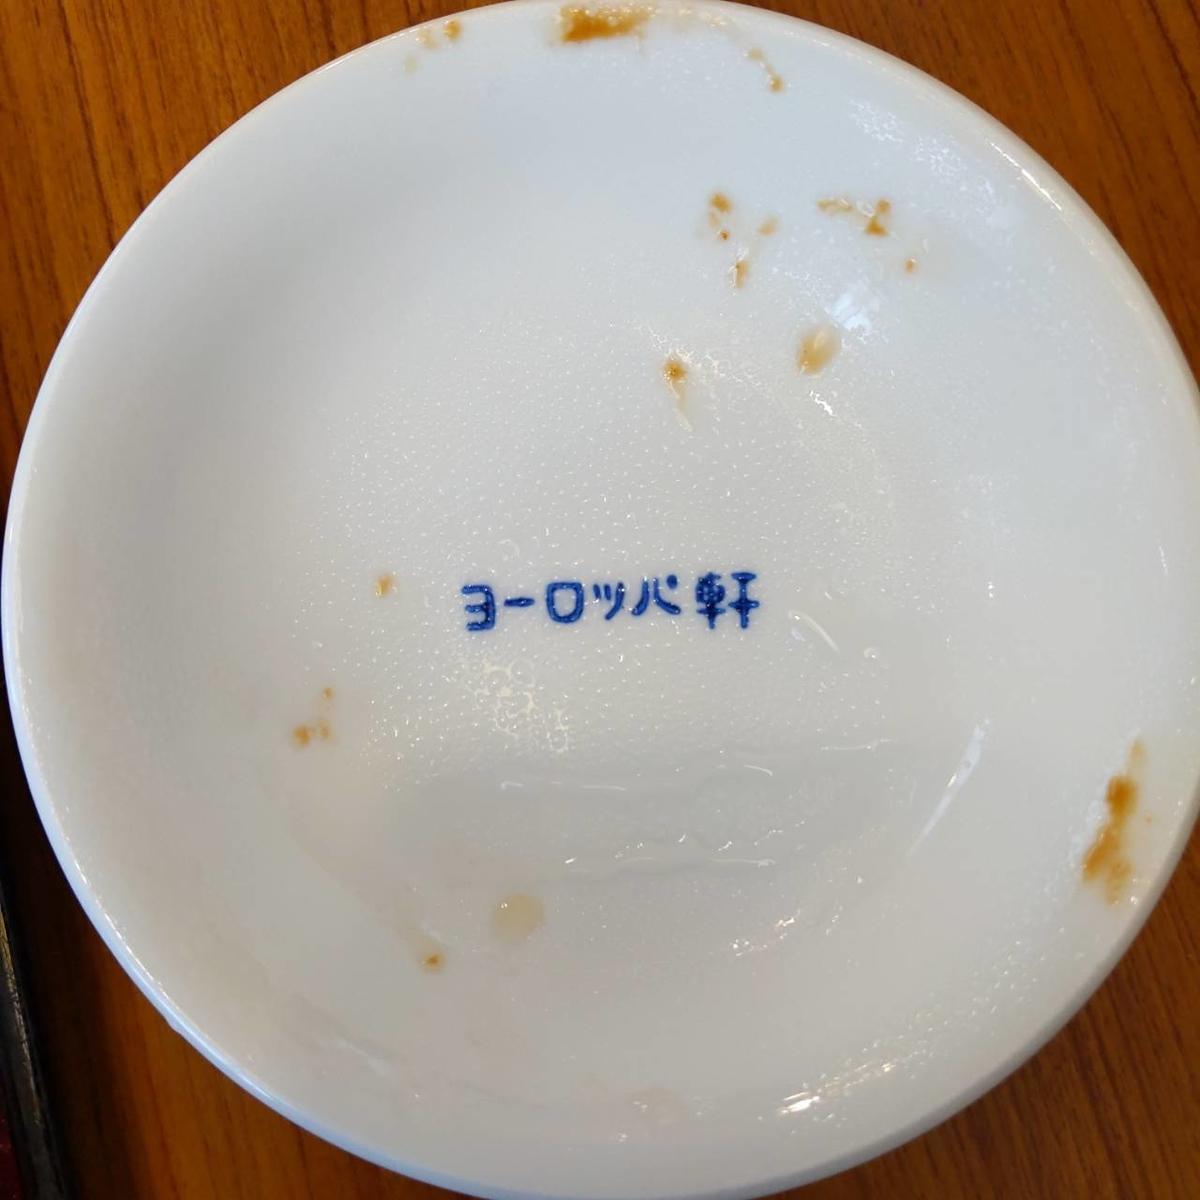 f:id:atsush-atsushi:20190925142453j:plain